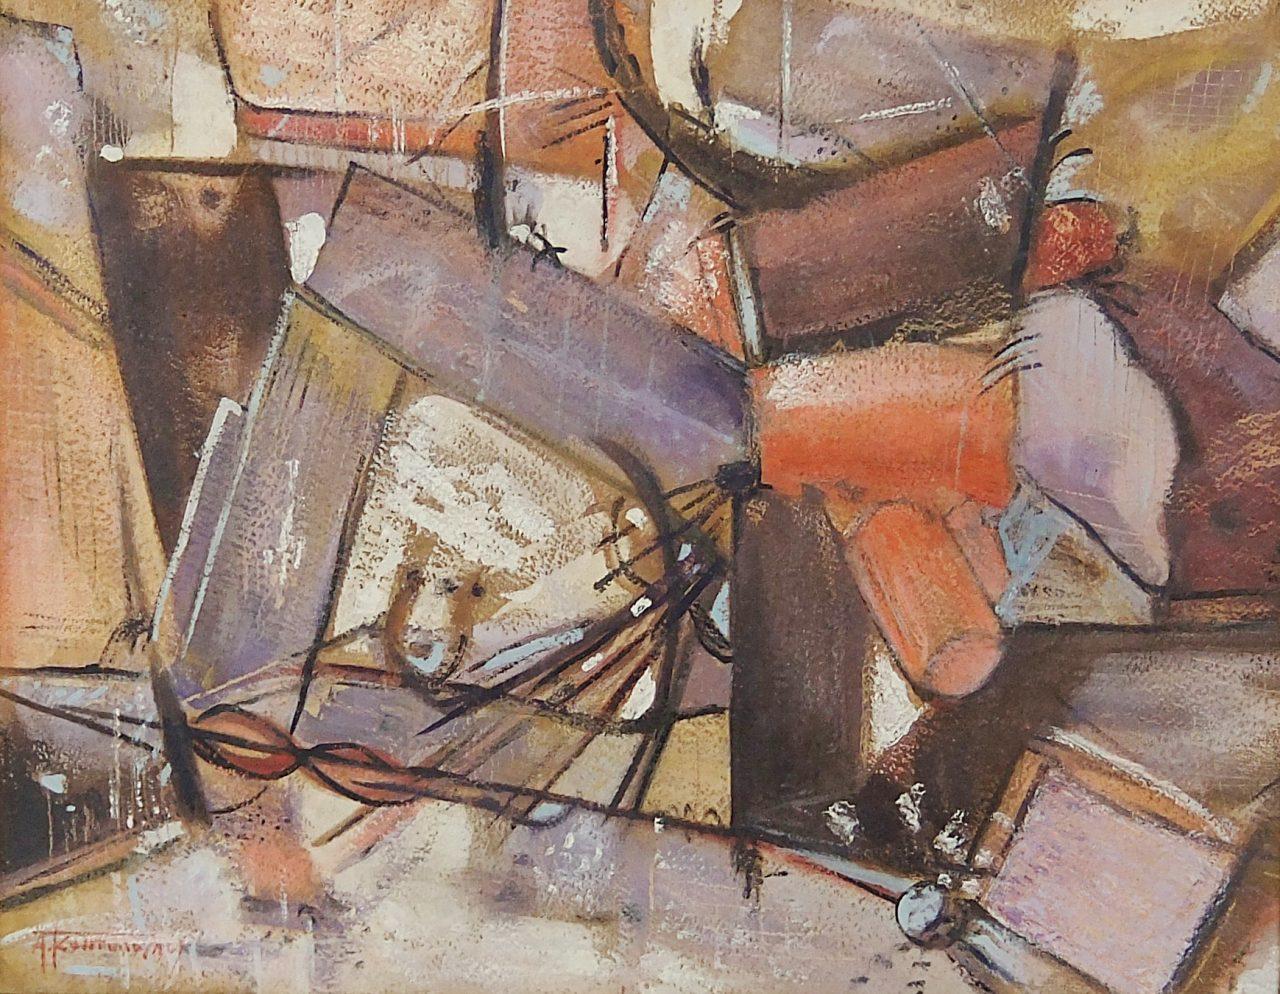 046. CONDOPOULOS Alecos (1904-1975)